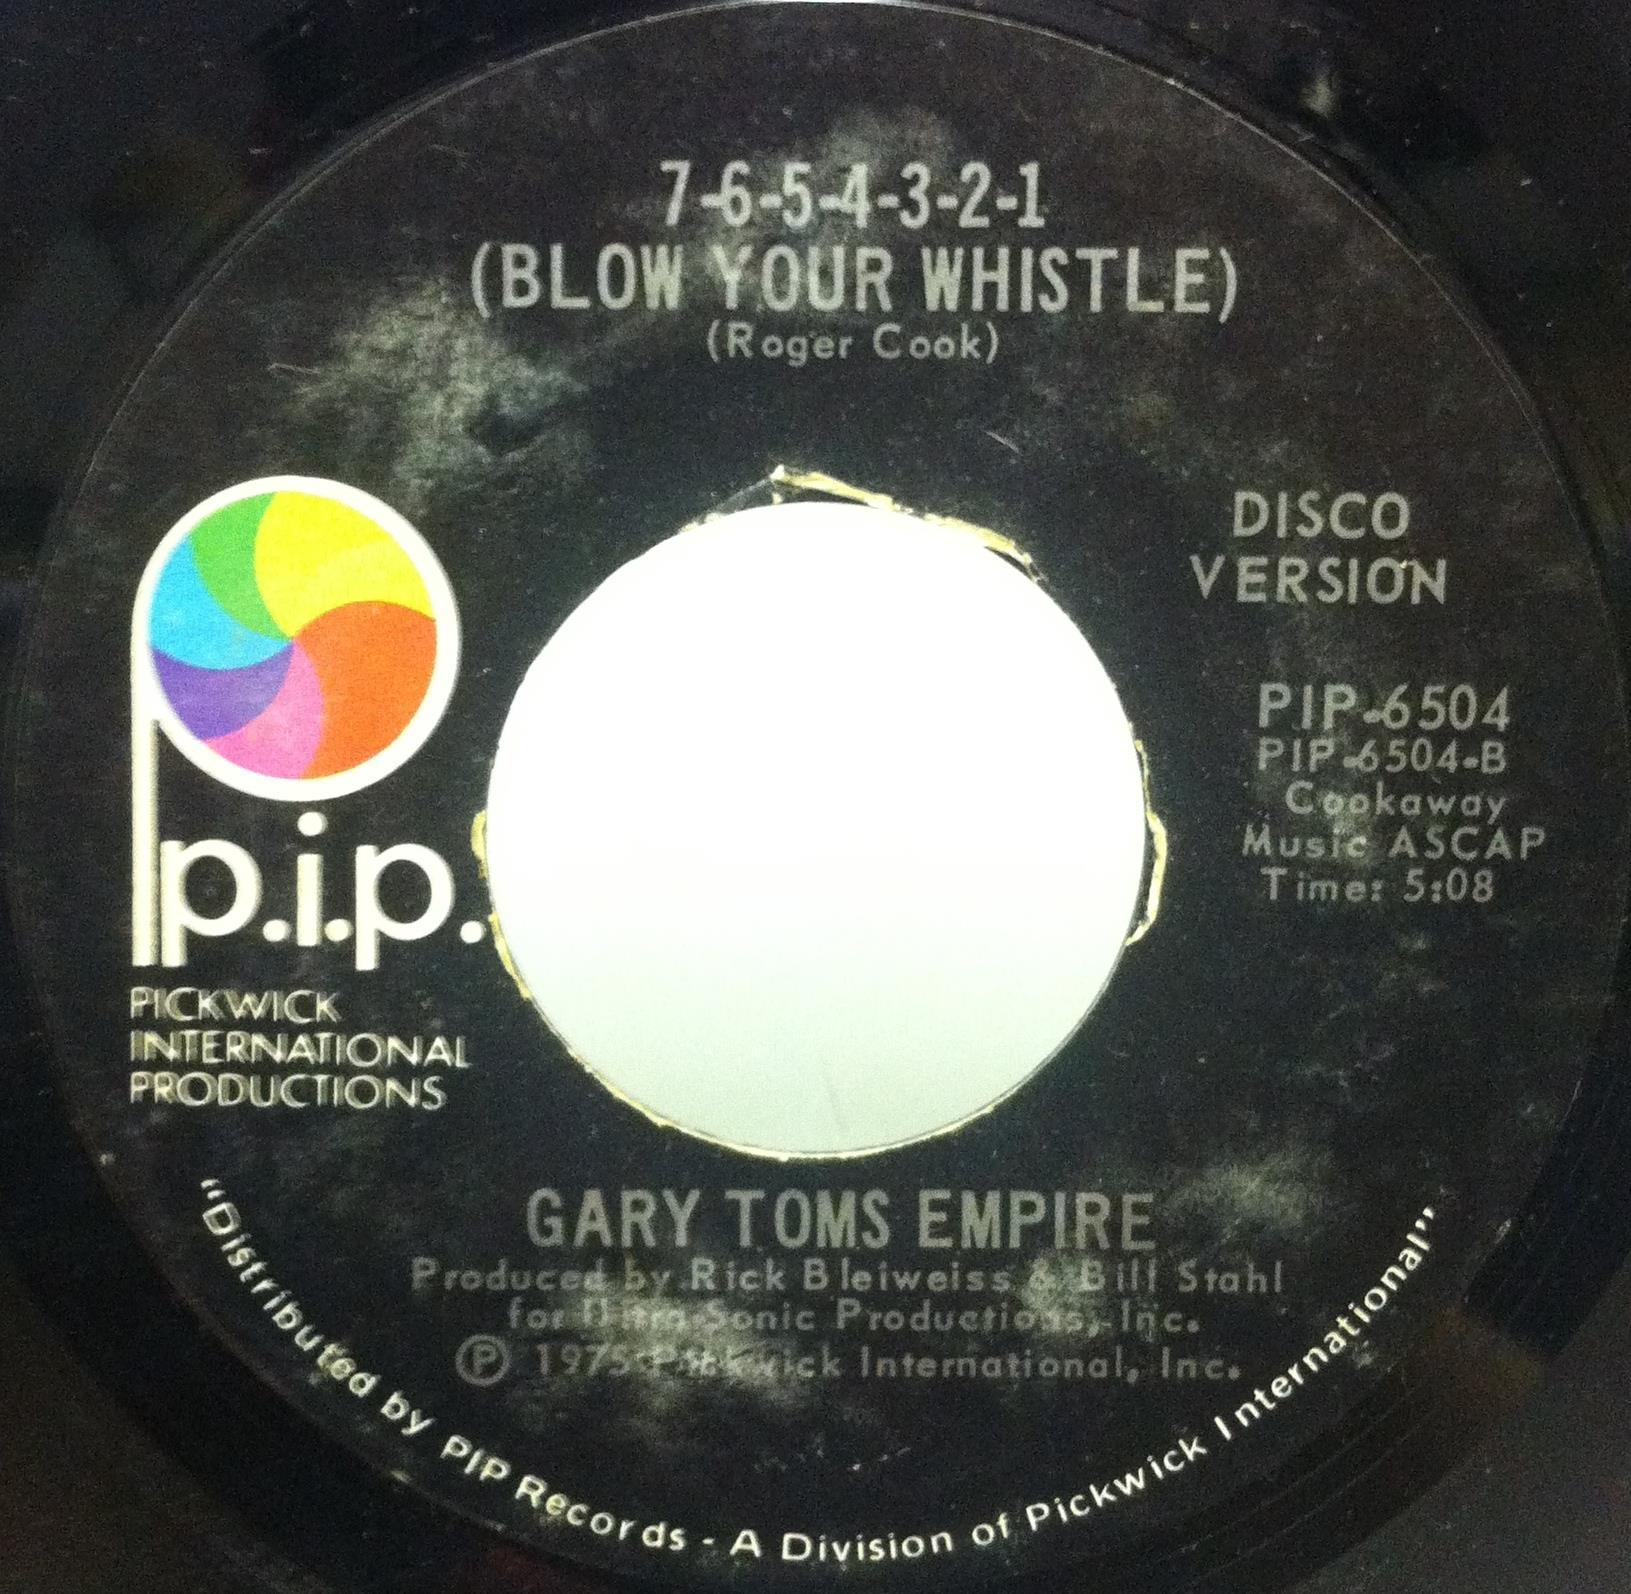 Gary Toms Empire 7